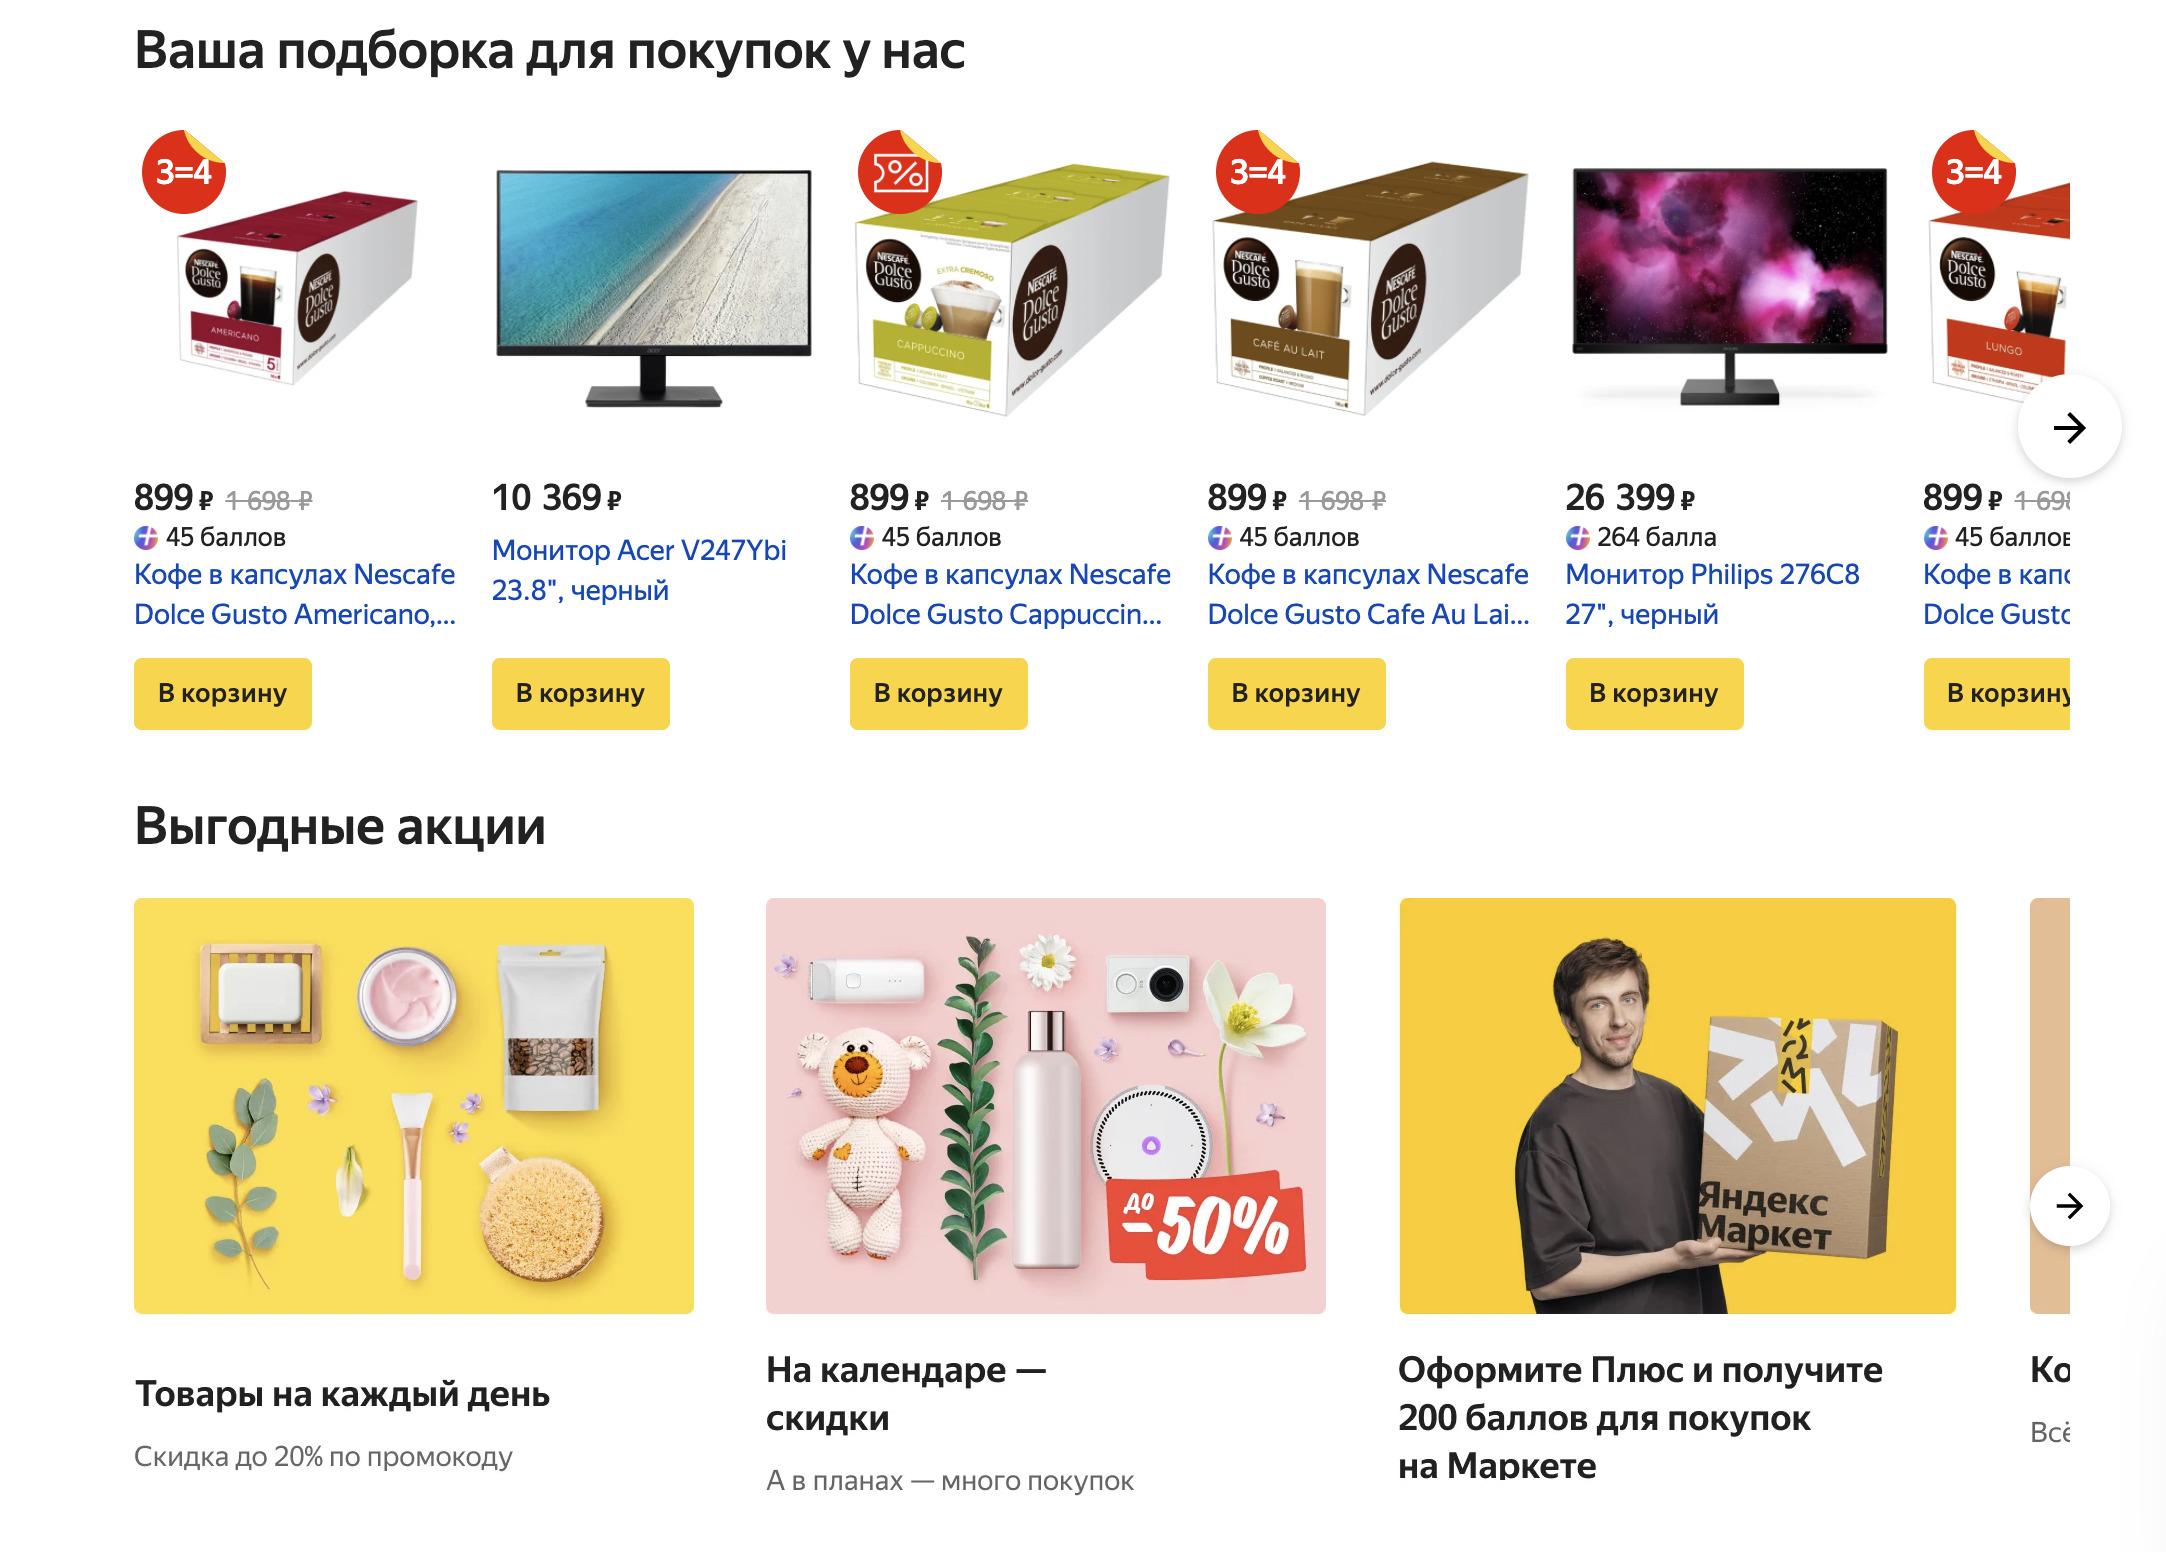 Доставка из Яндекс.Маркет в Воронеж, сроки, пункты выдачи, каталог